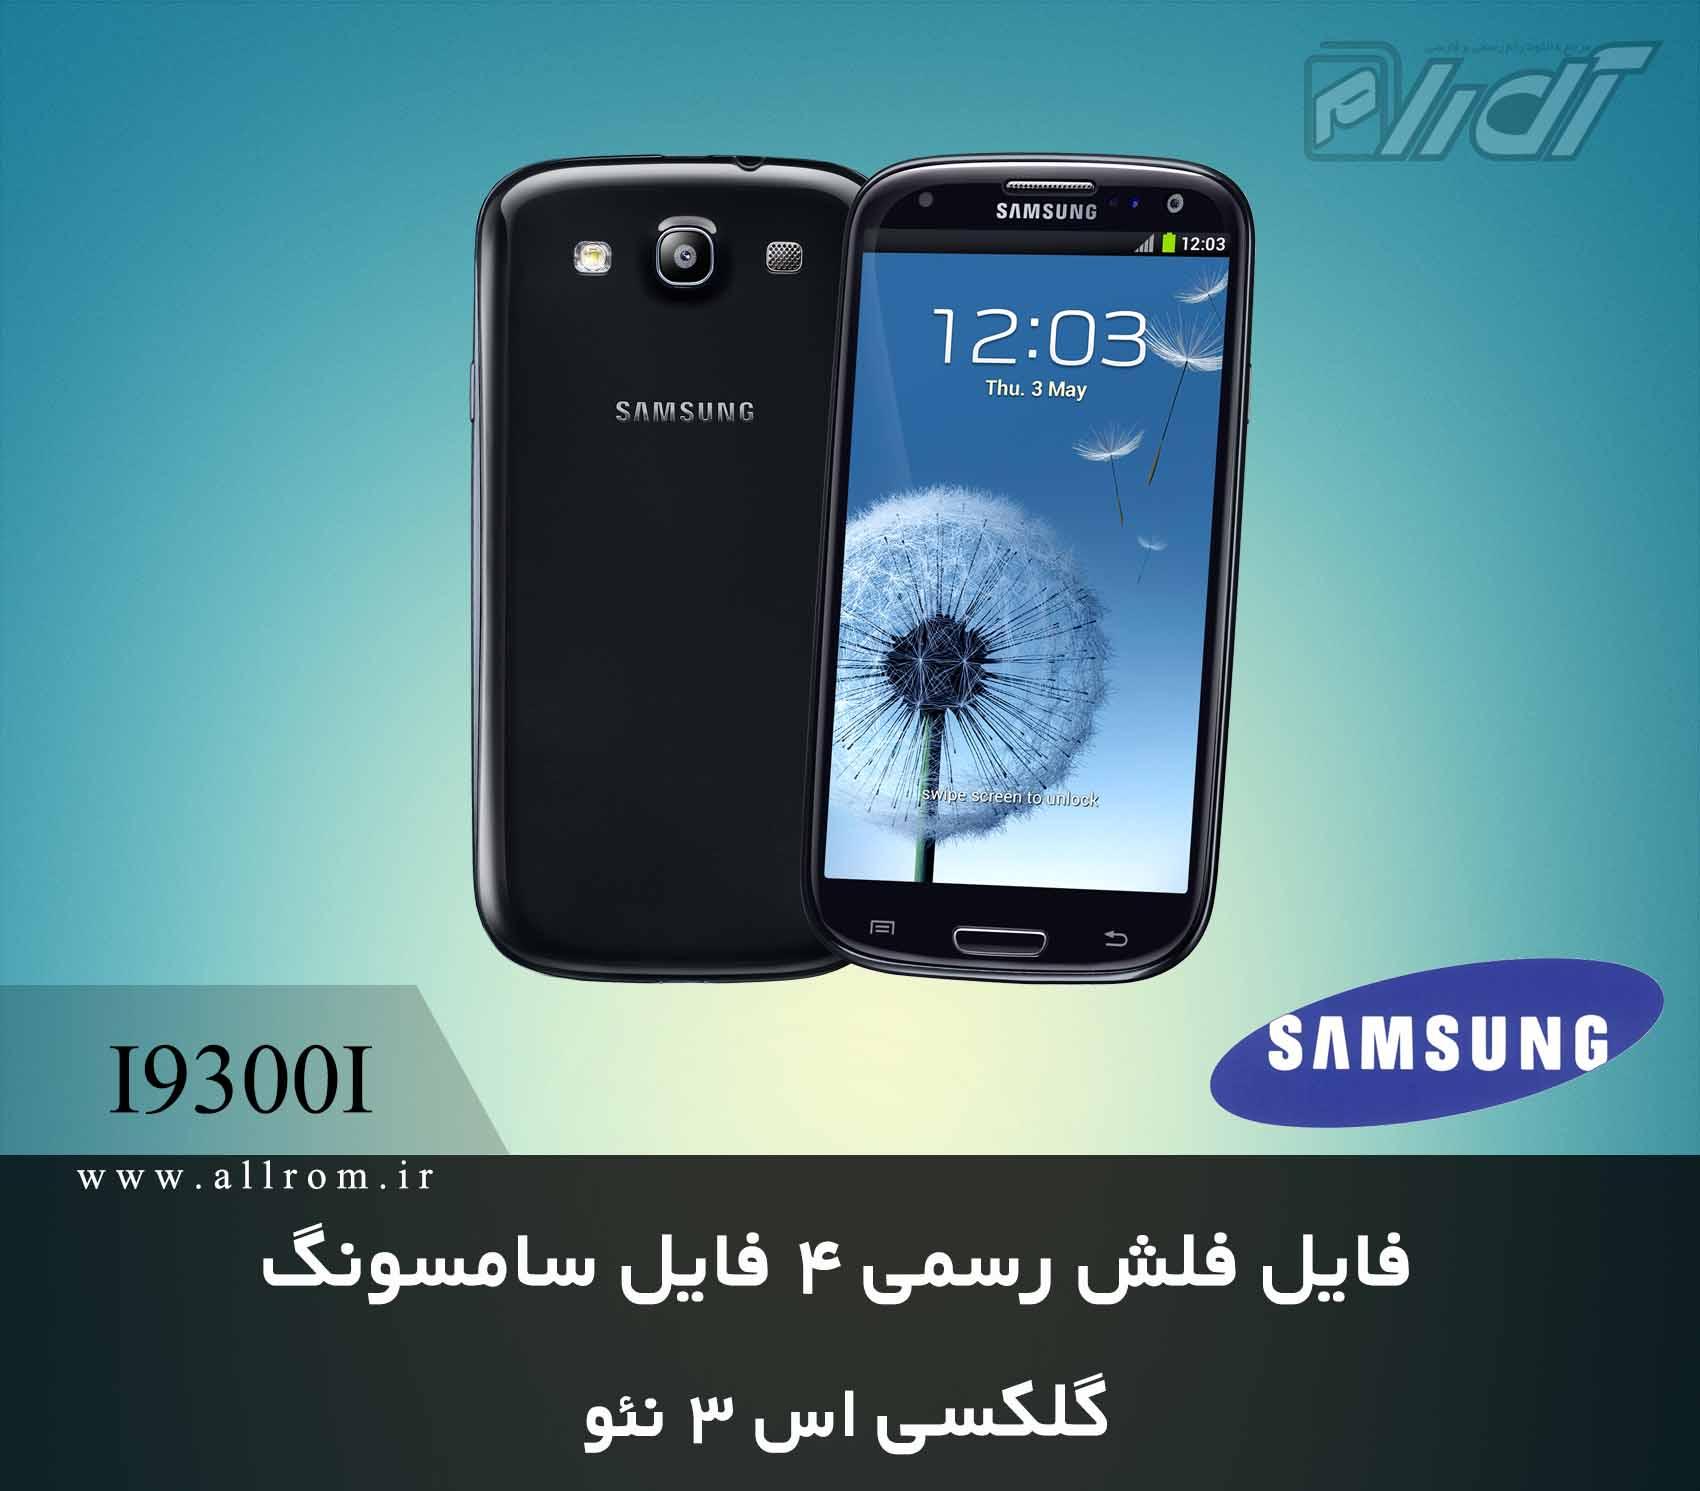 دانلود رام کامبینیشن Samsung Galaxy S3 Neo GT-I9300I